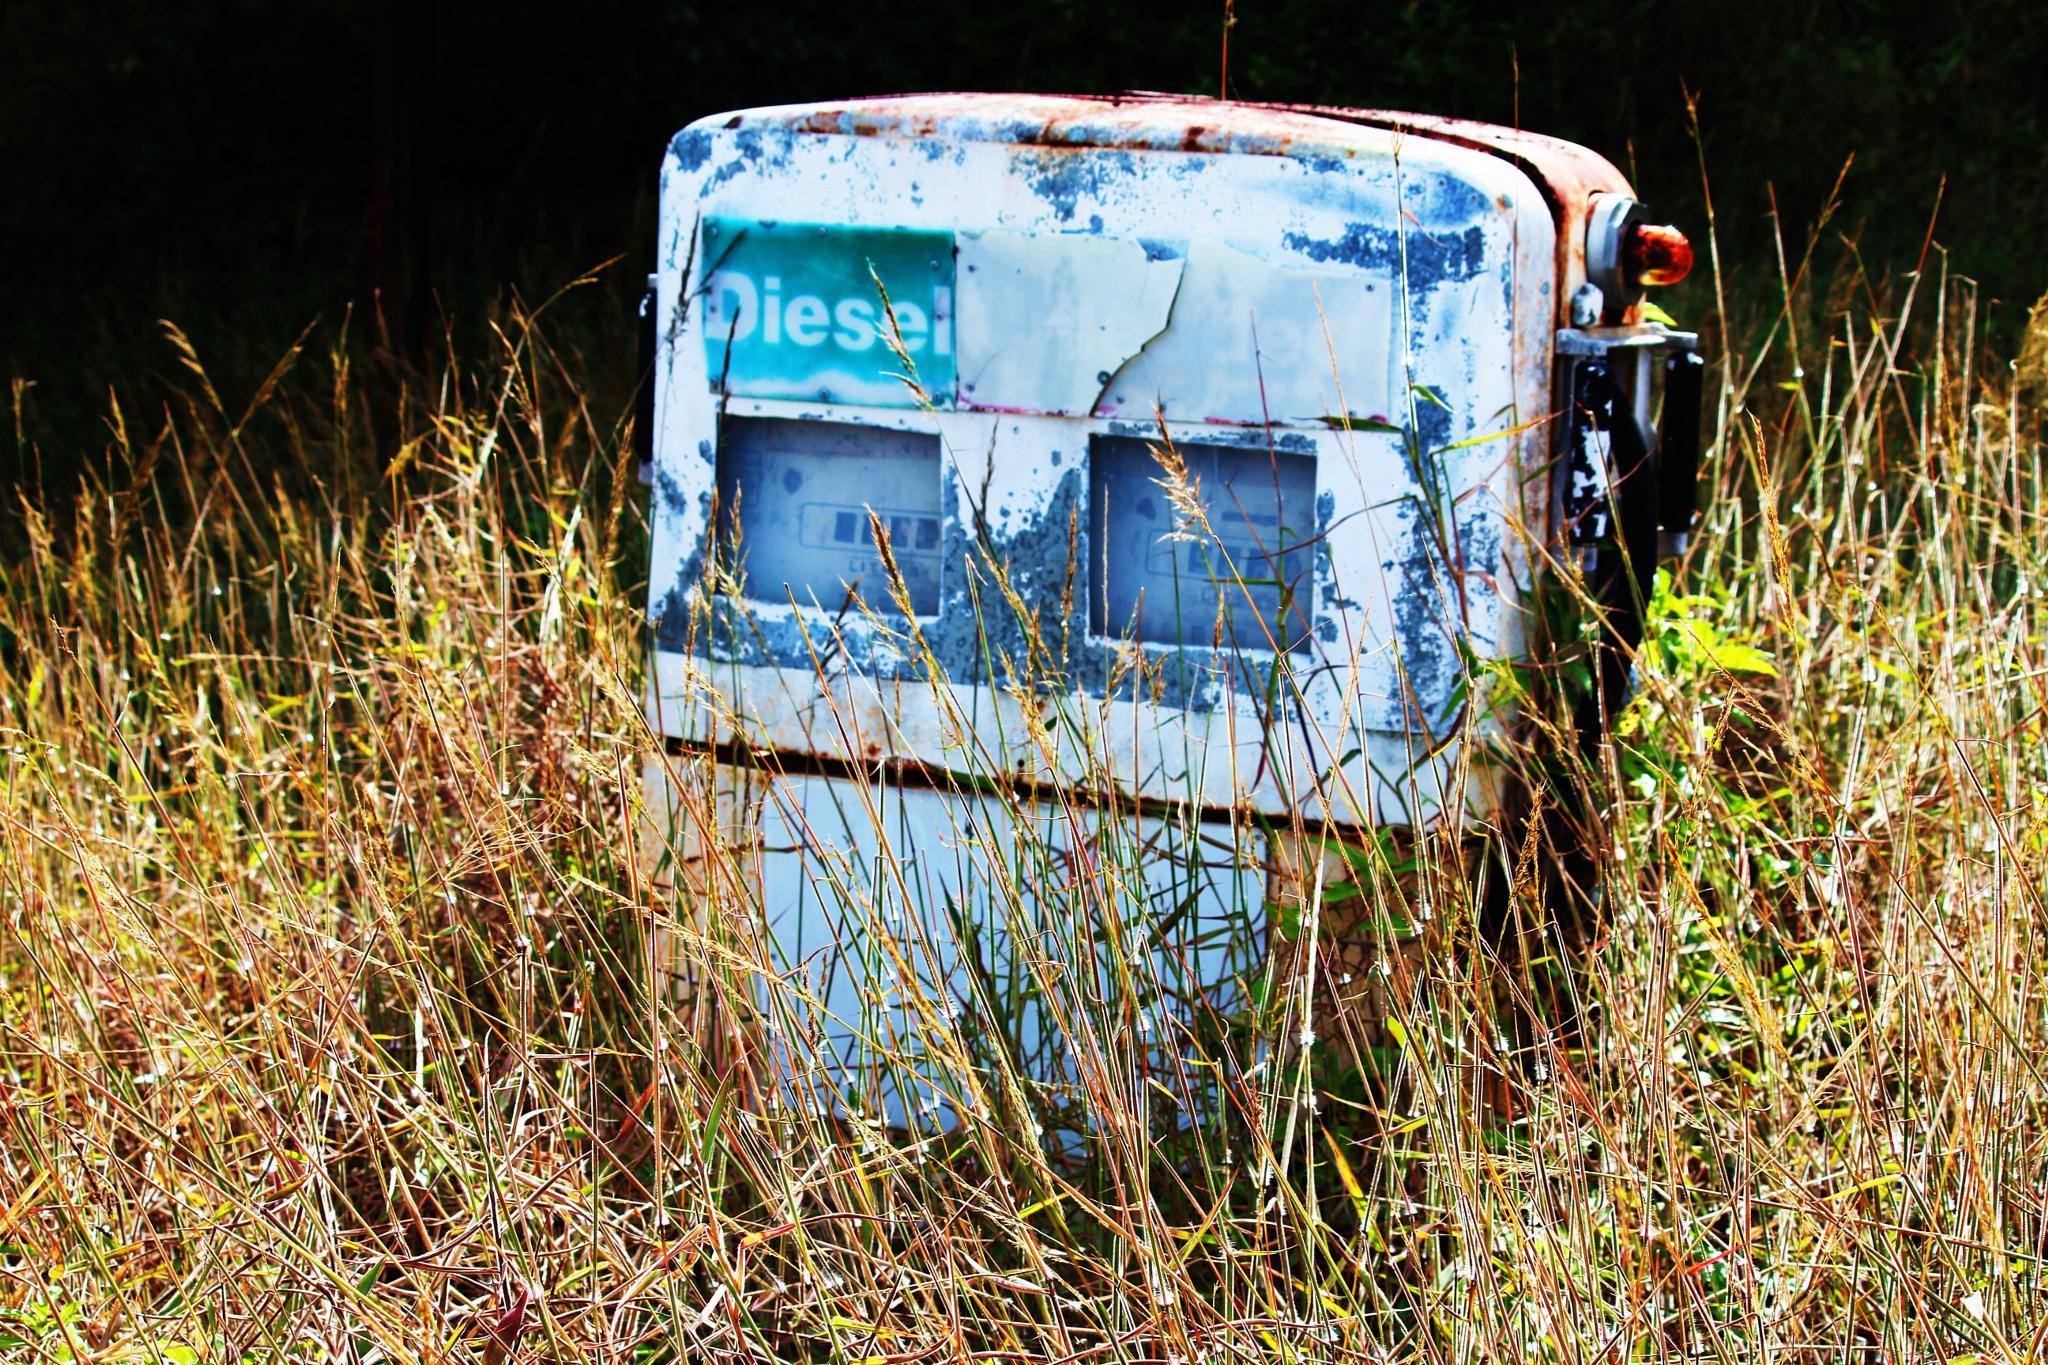 Diesel by BeccyleeRichi